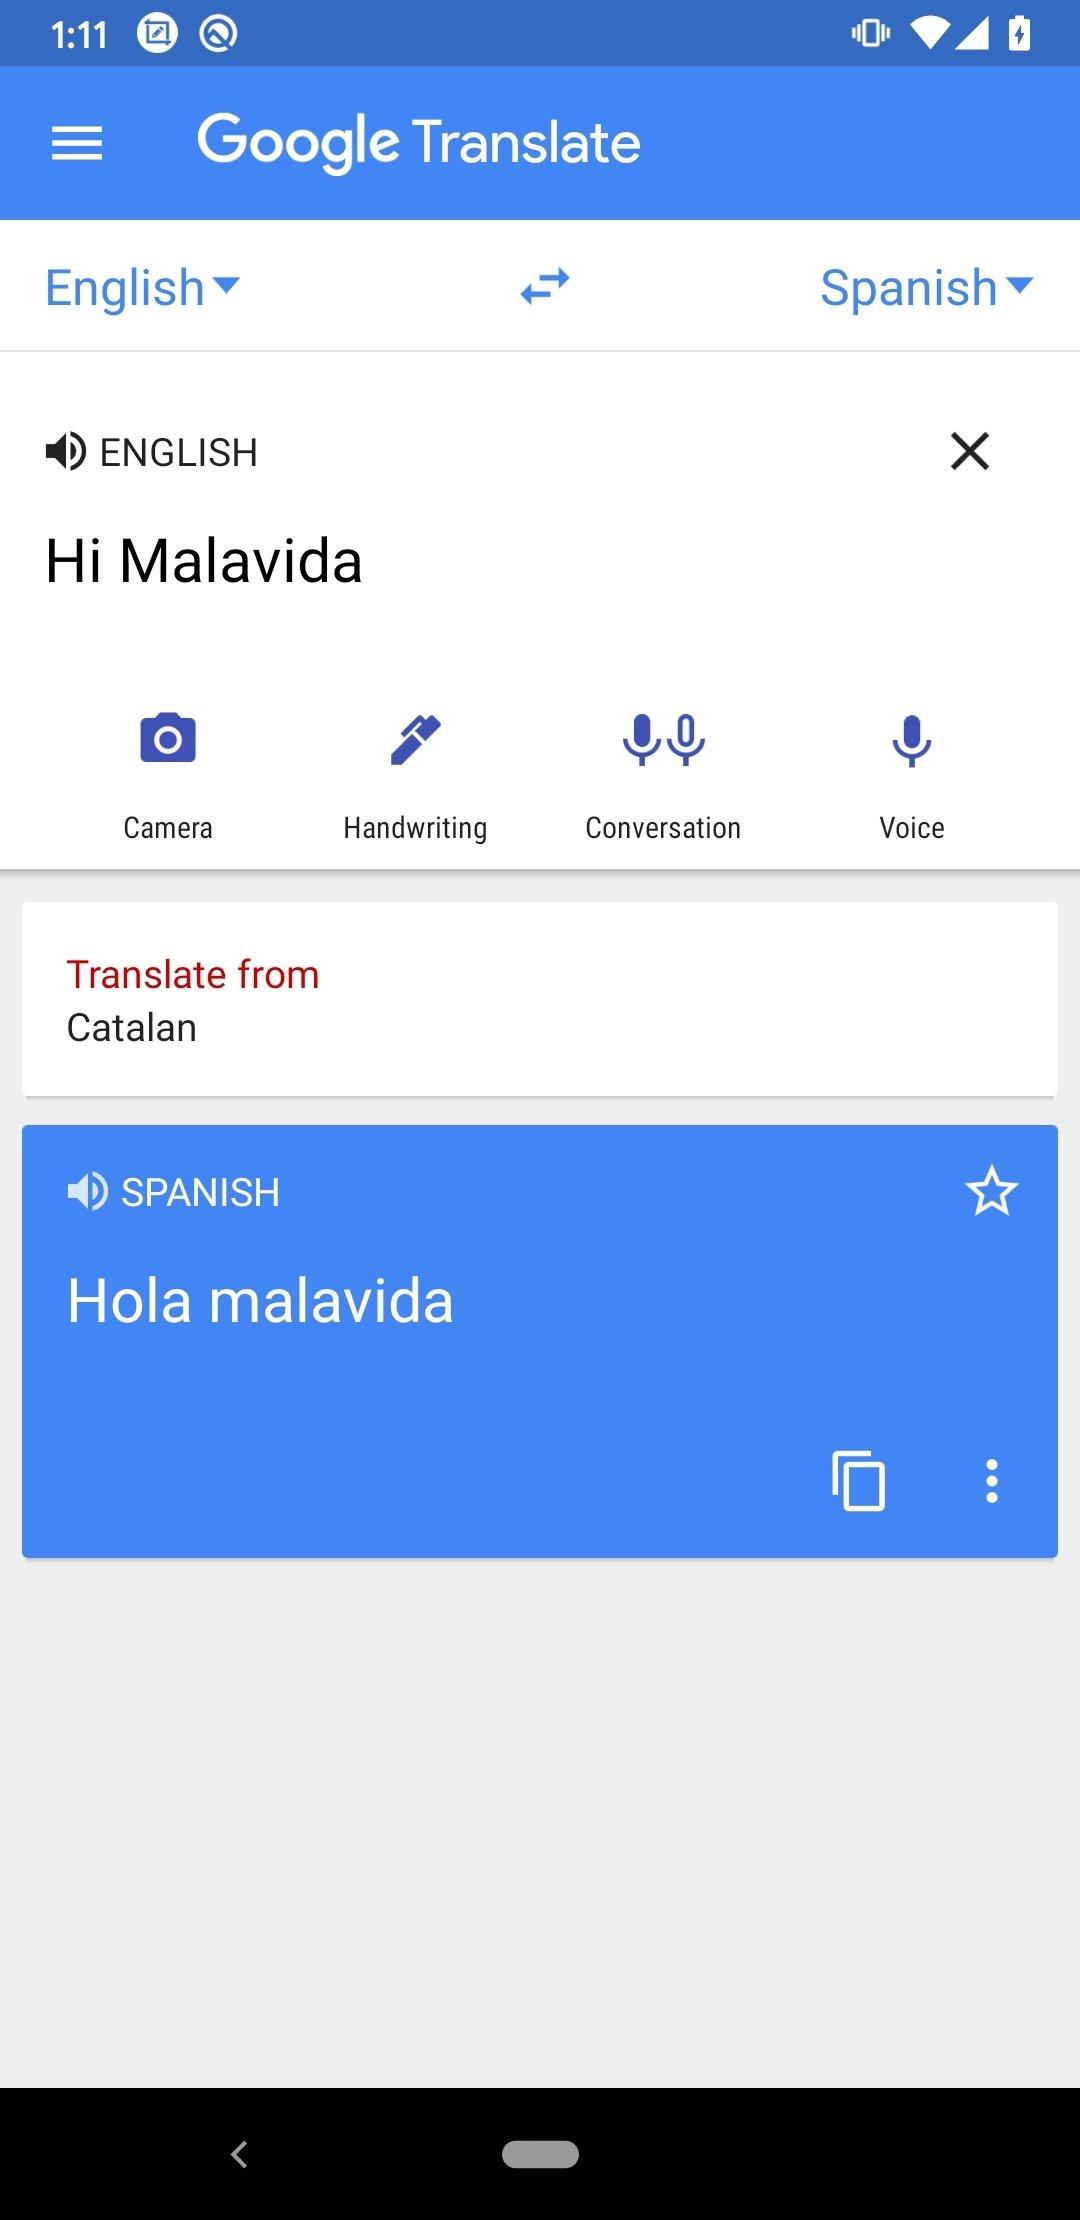 Google Translate 6.11.0.06.325960053 - Télécharger pour Android APK Gratuitement